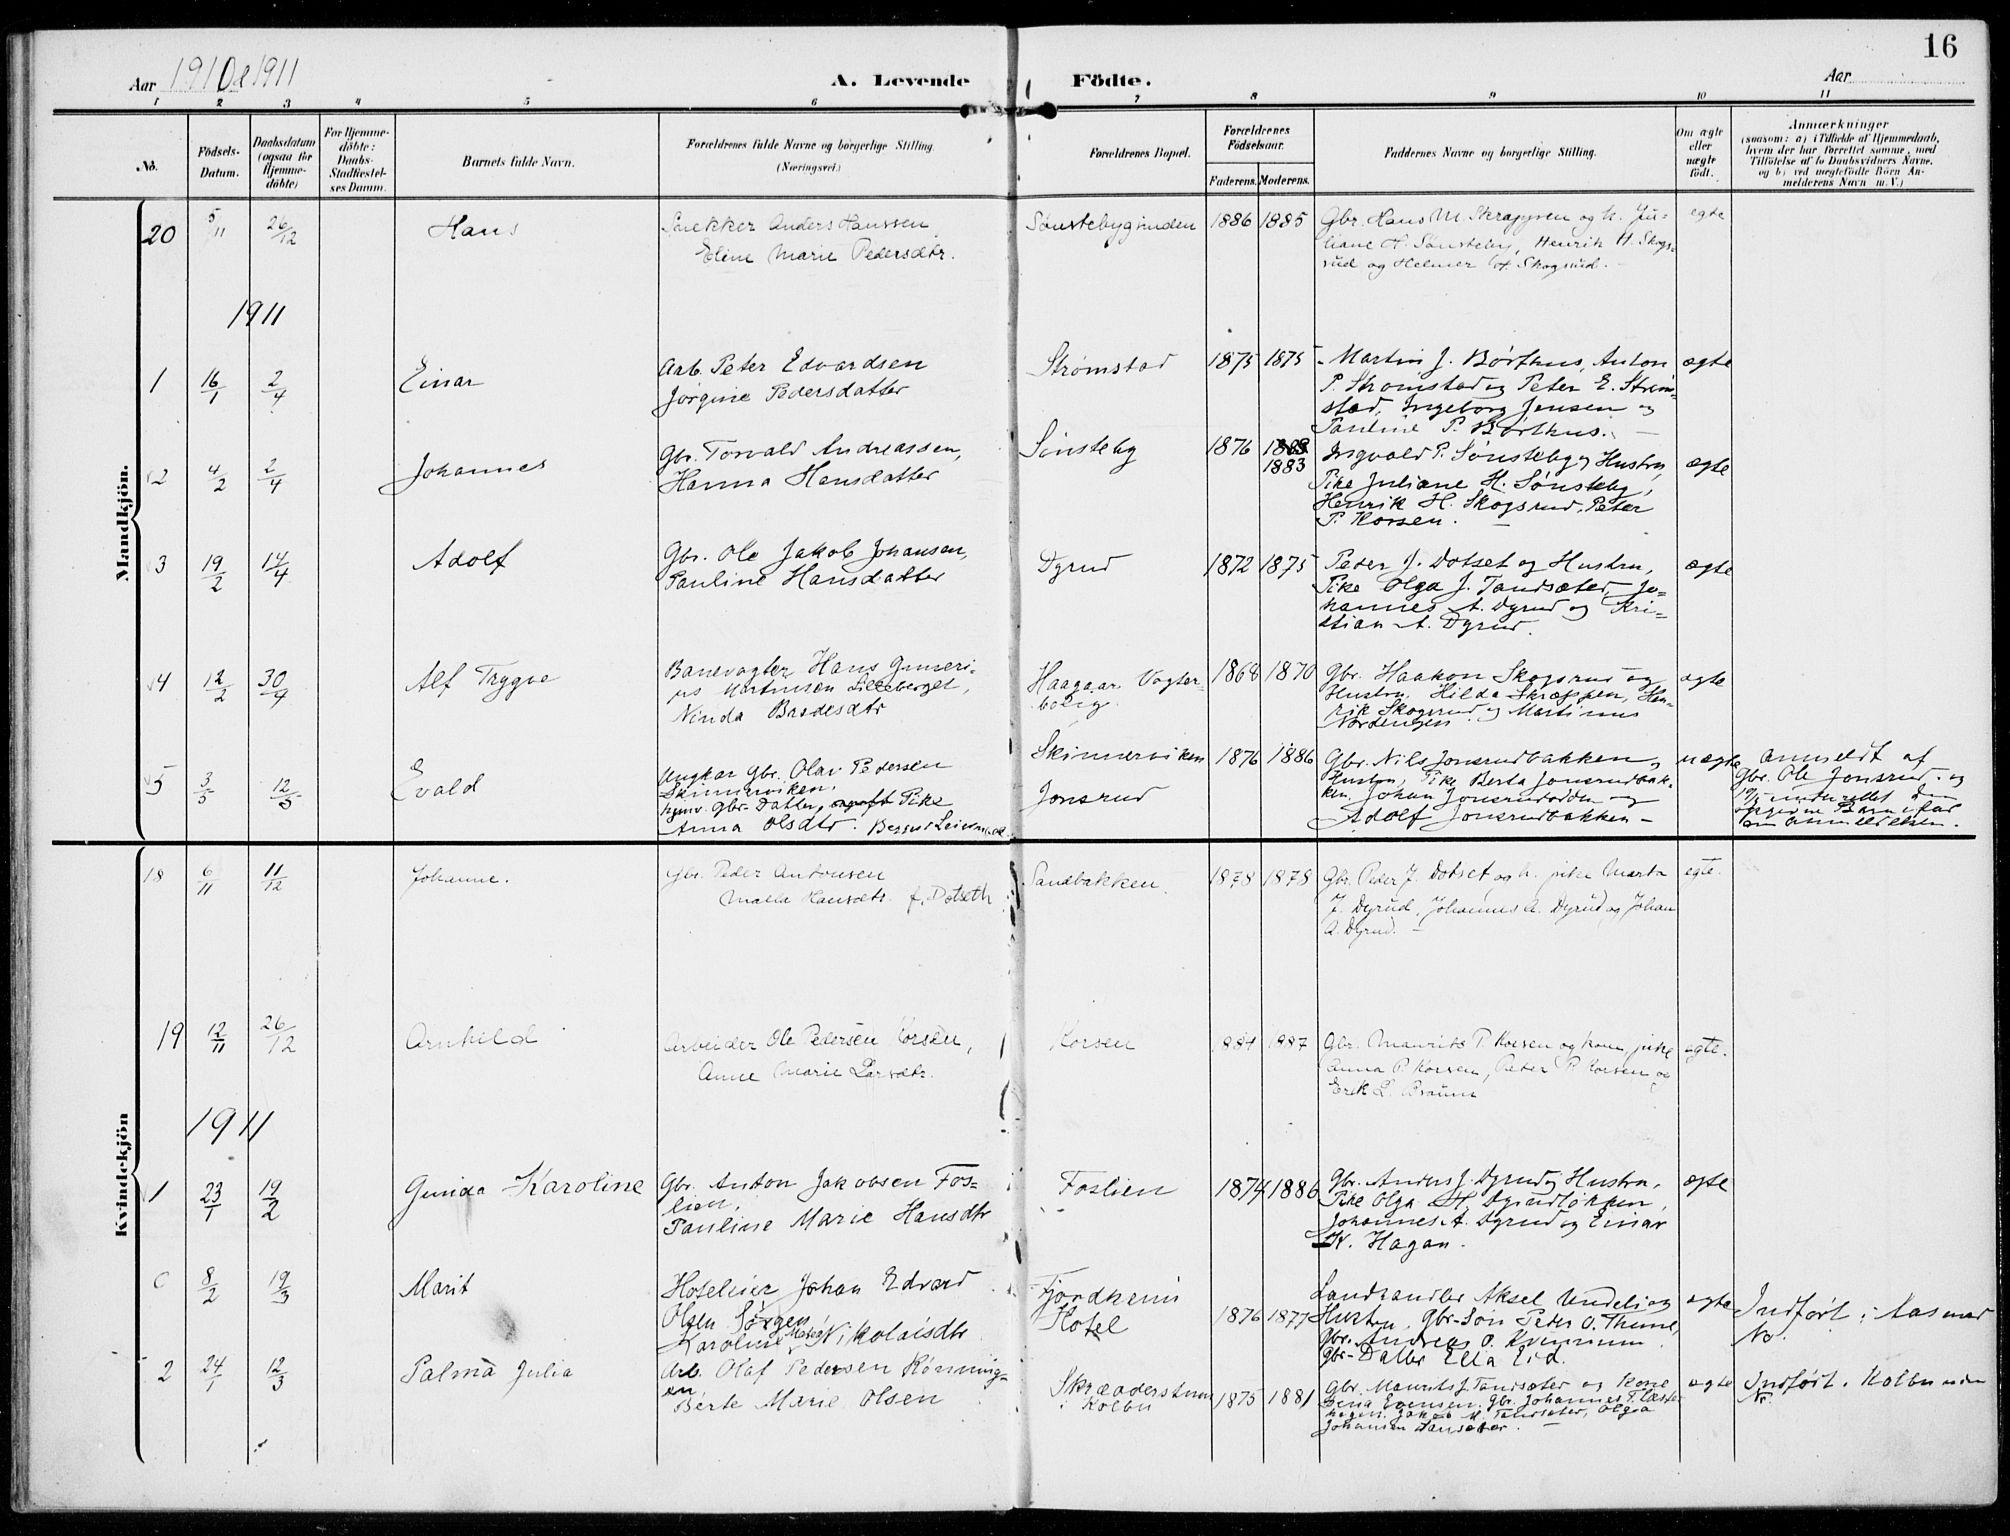 SAH, Kolbu prestekontor, Ministerialbok nr. 1, 1907-1923, s. 16